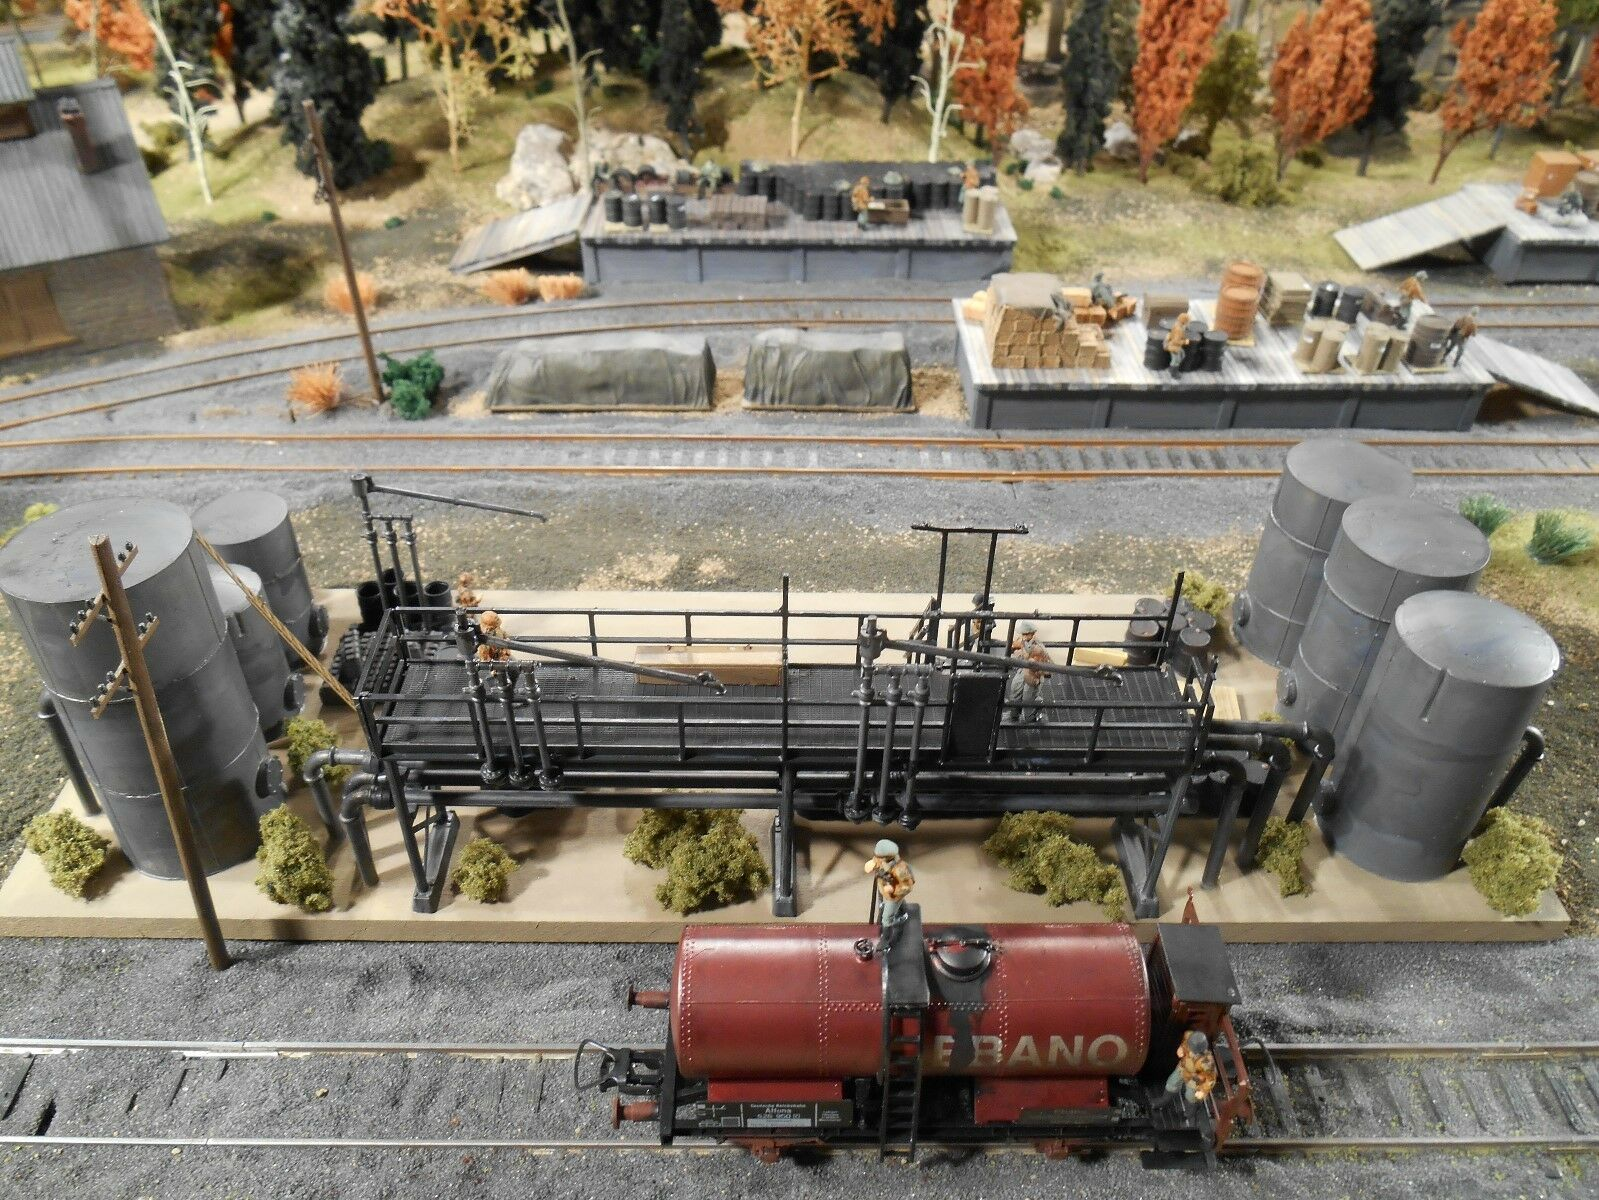 Ho Roco Minitank su Misura Dettagliato Esposto Alle Intemperie Carburante Depot